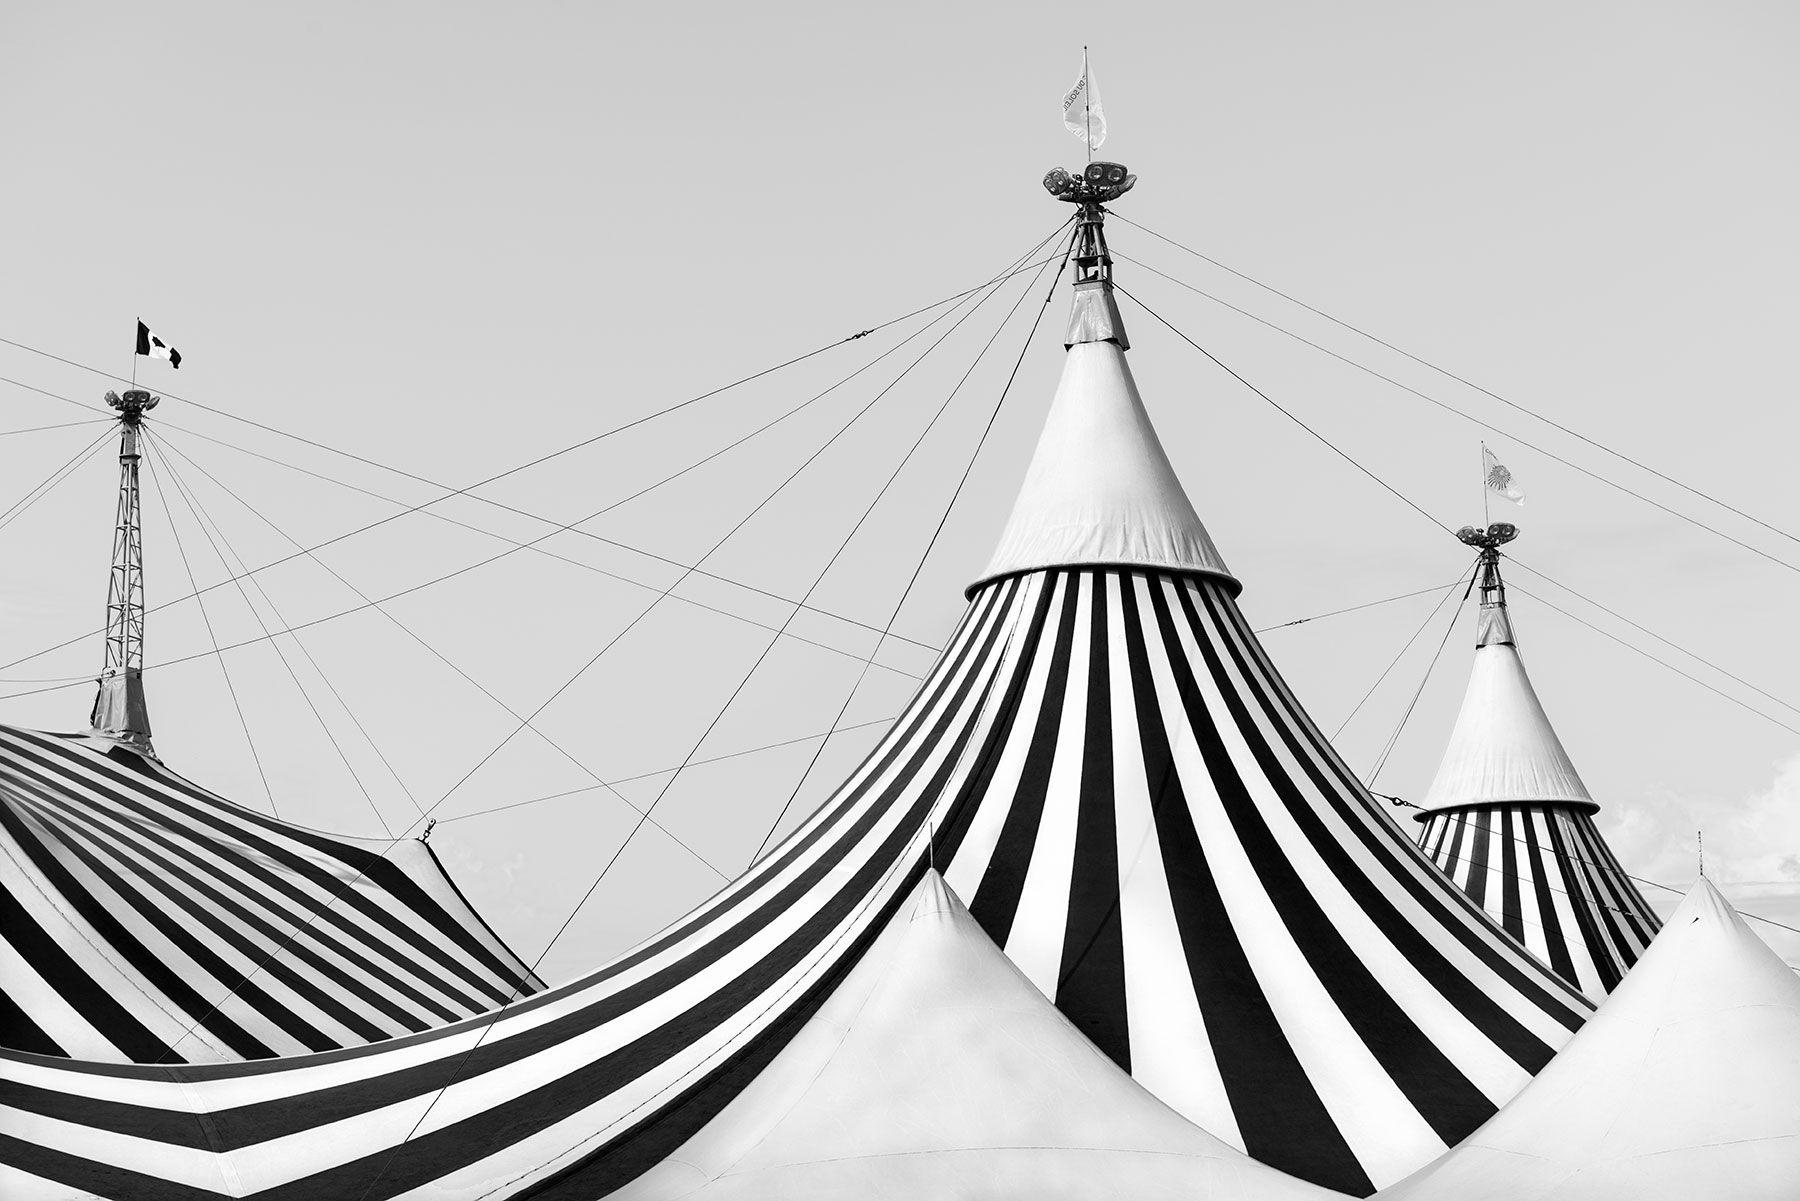 Cirque du Soleil (y del cielo) detalle de lona